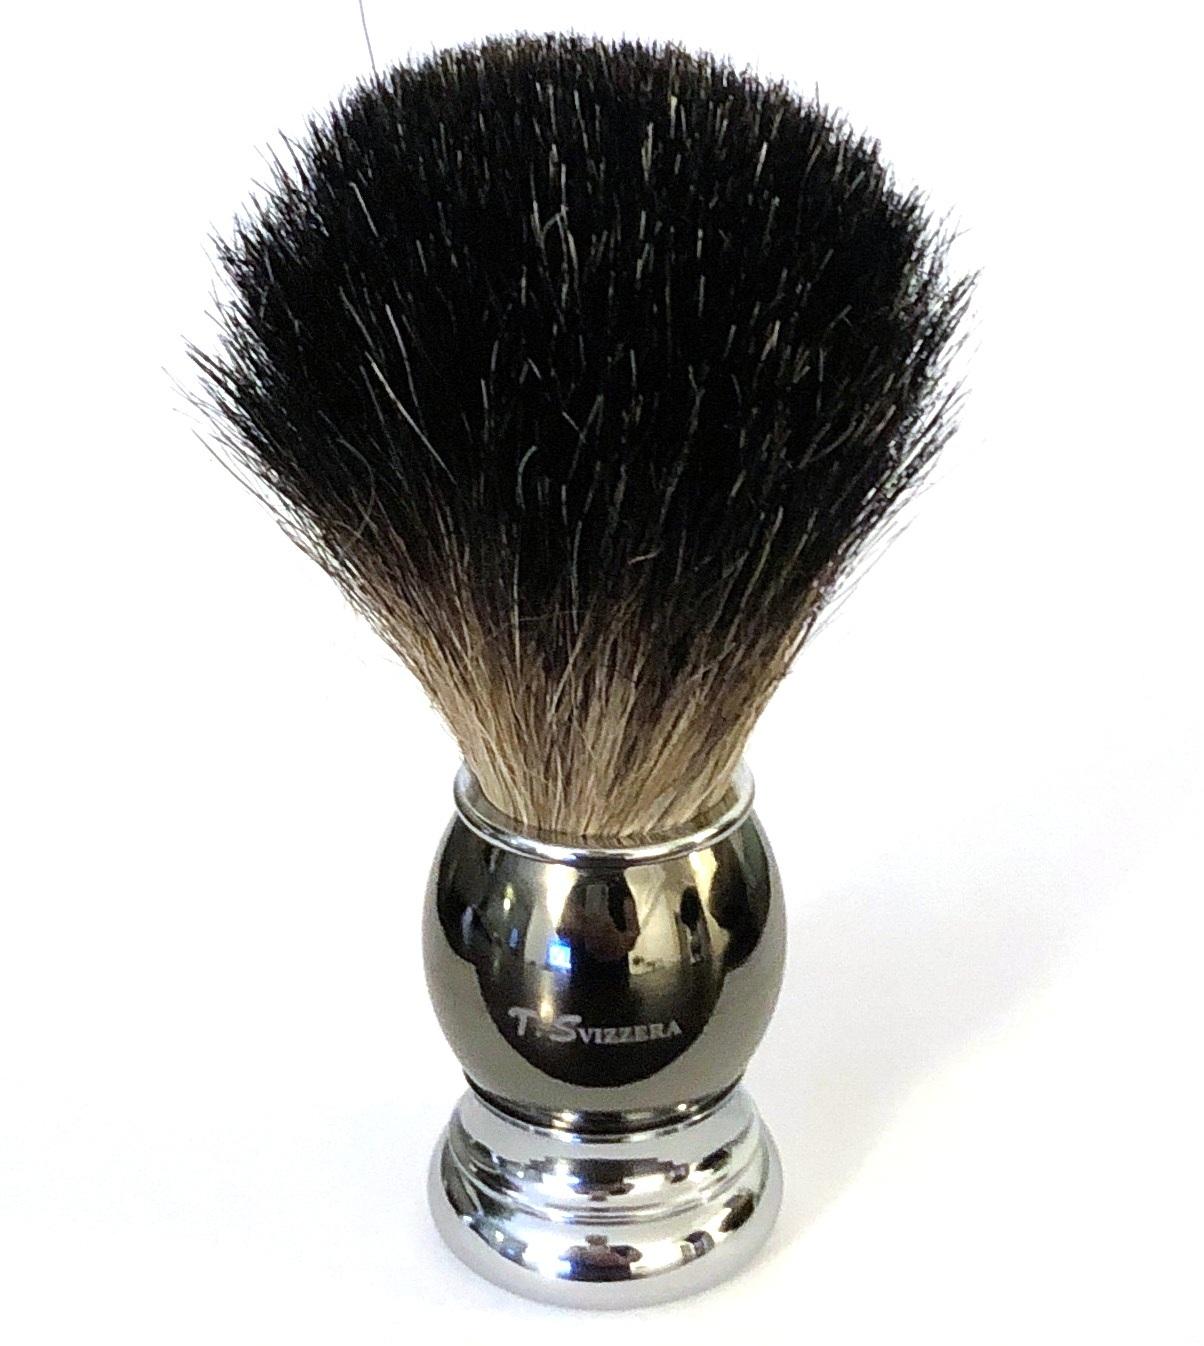 מברשת גילוח אמיתית Badger Pro שחור קריסטל